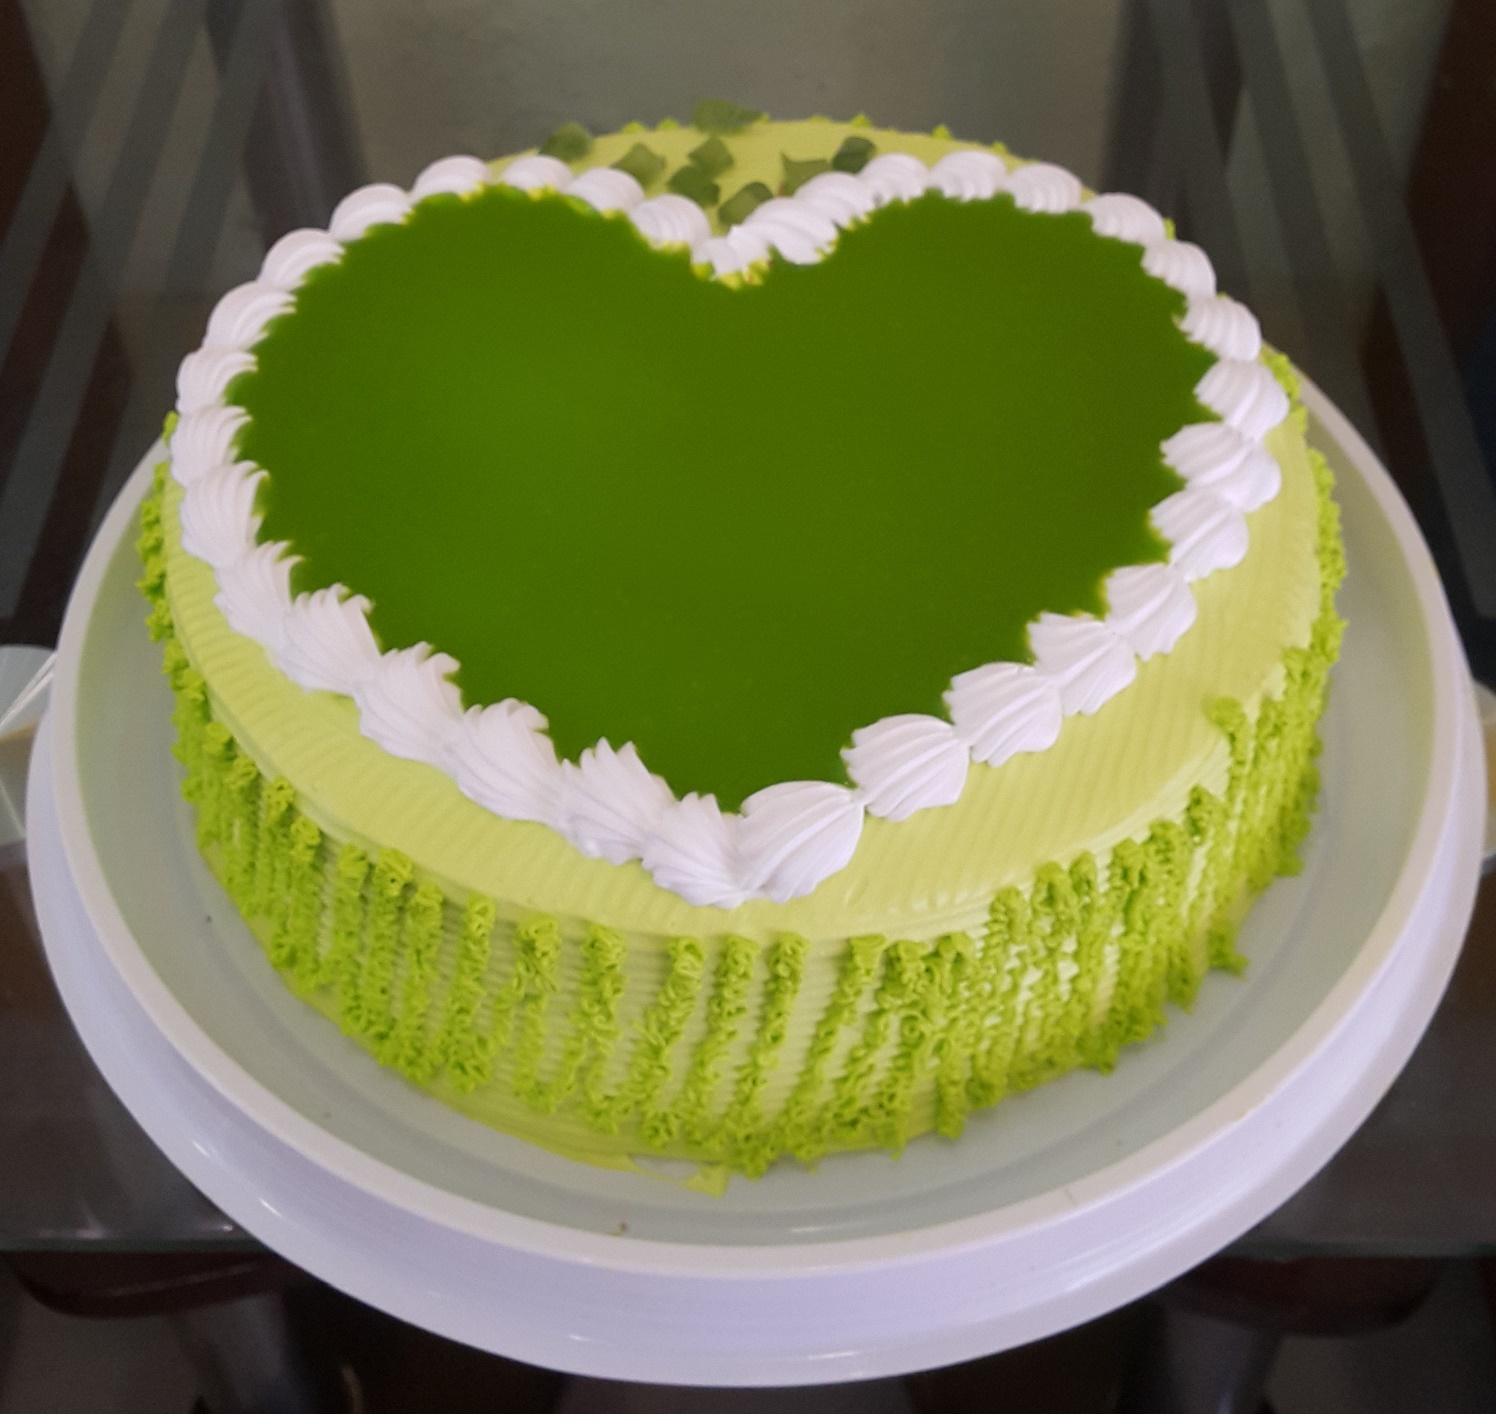 Bánh kem sinh nhật trà xanh thơm ngon khó cưỡng đối với mọi chị em